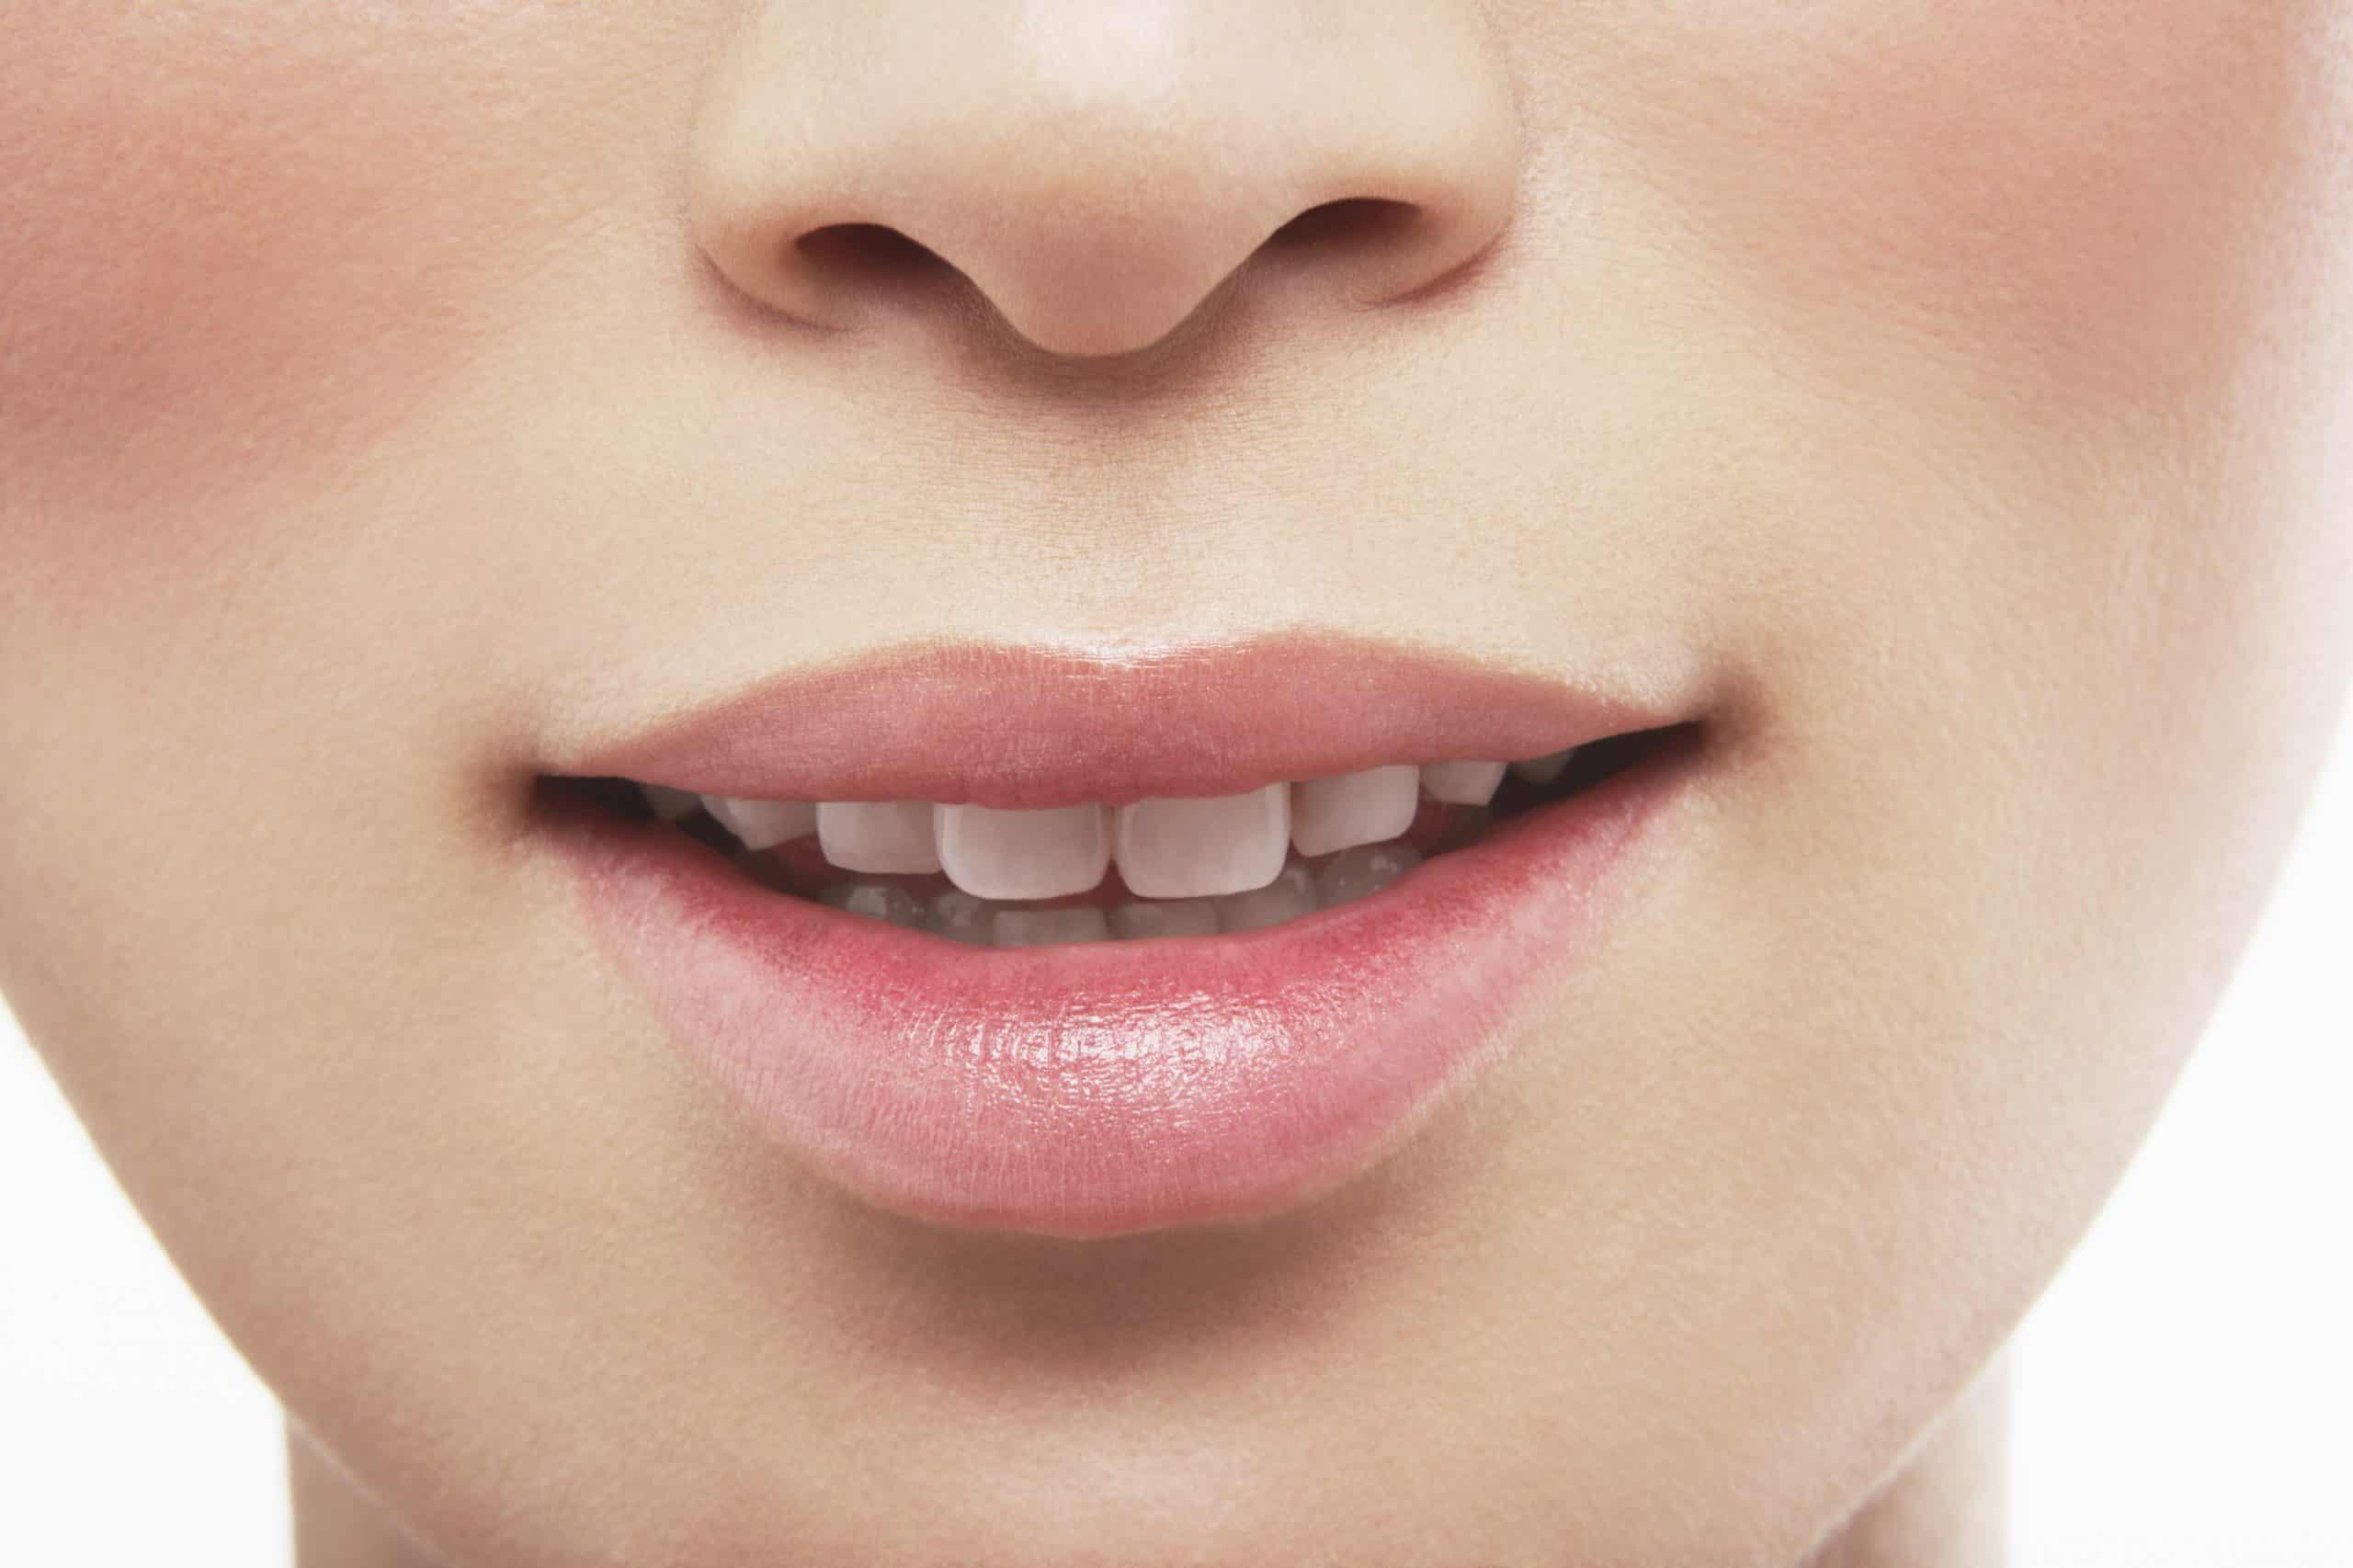 טיפול שיניים במטופלים עם יובש פה